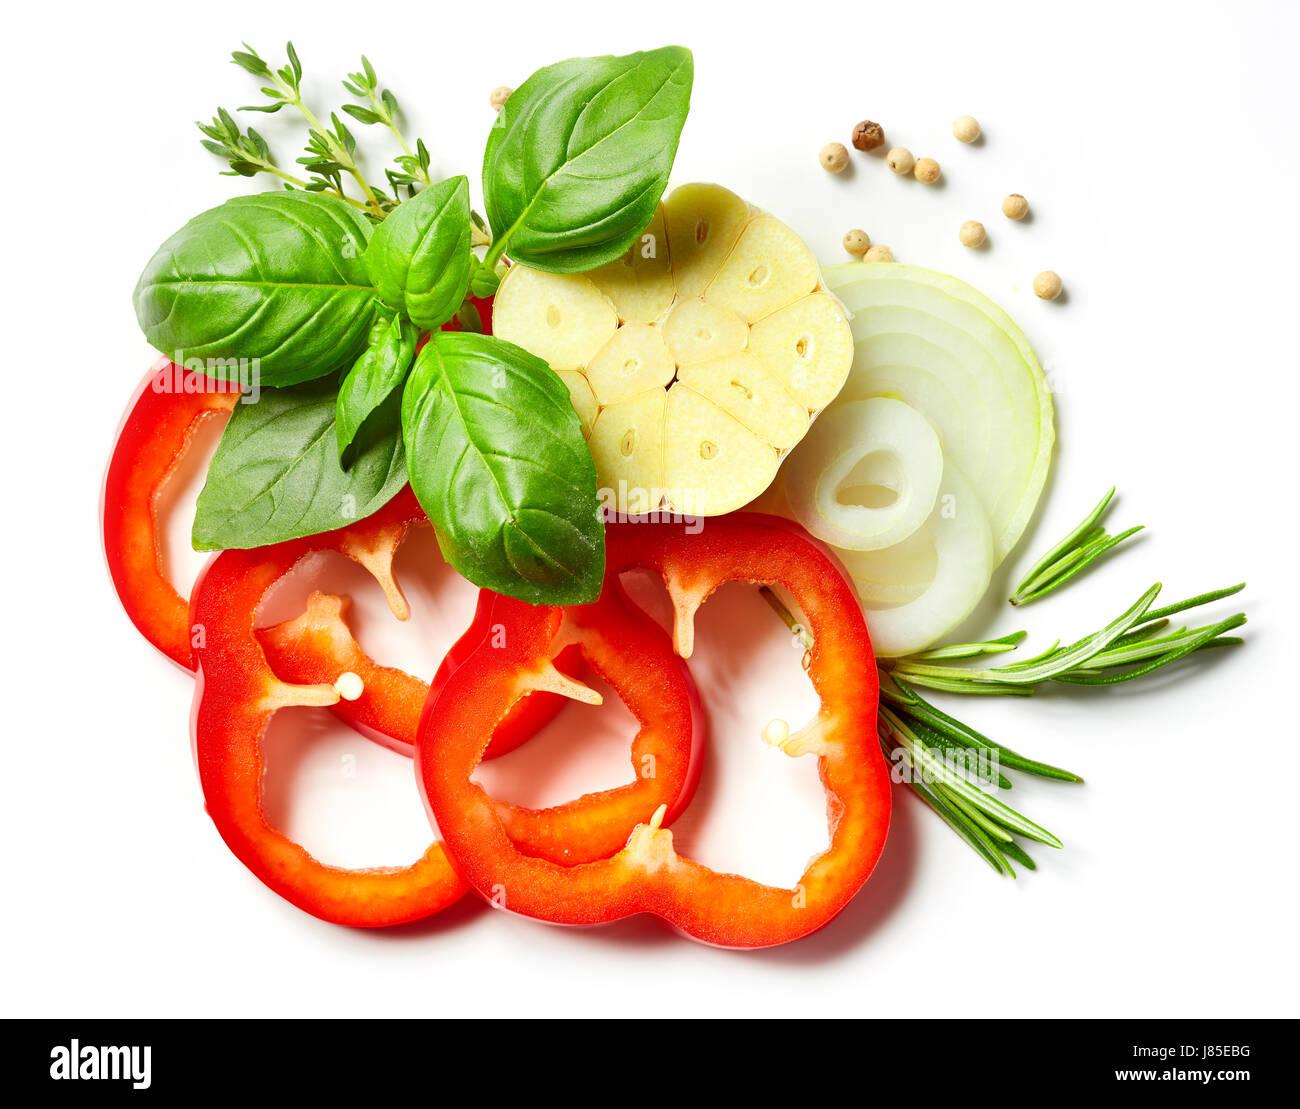 Composition de légumes, herbes et épices isolé sur fond blanc, vue du dessus Photo Stock